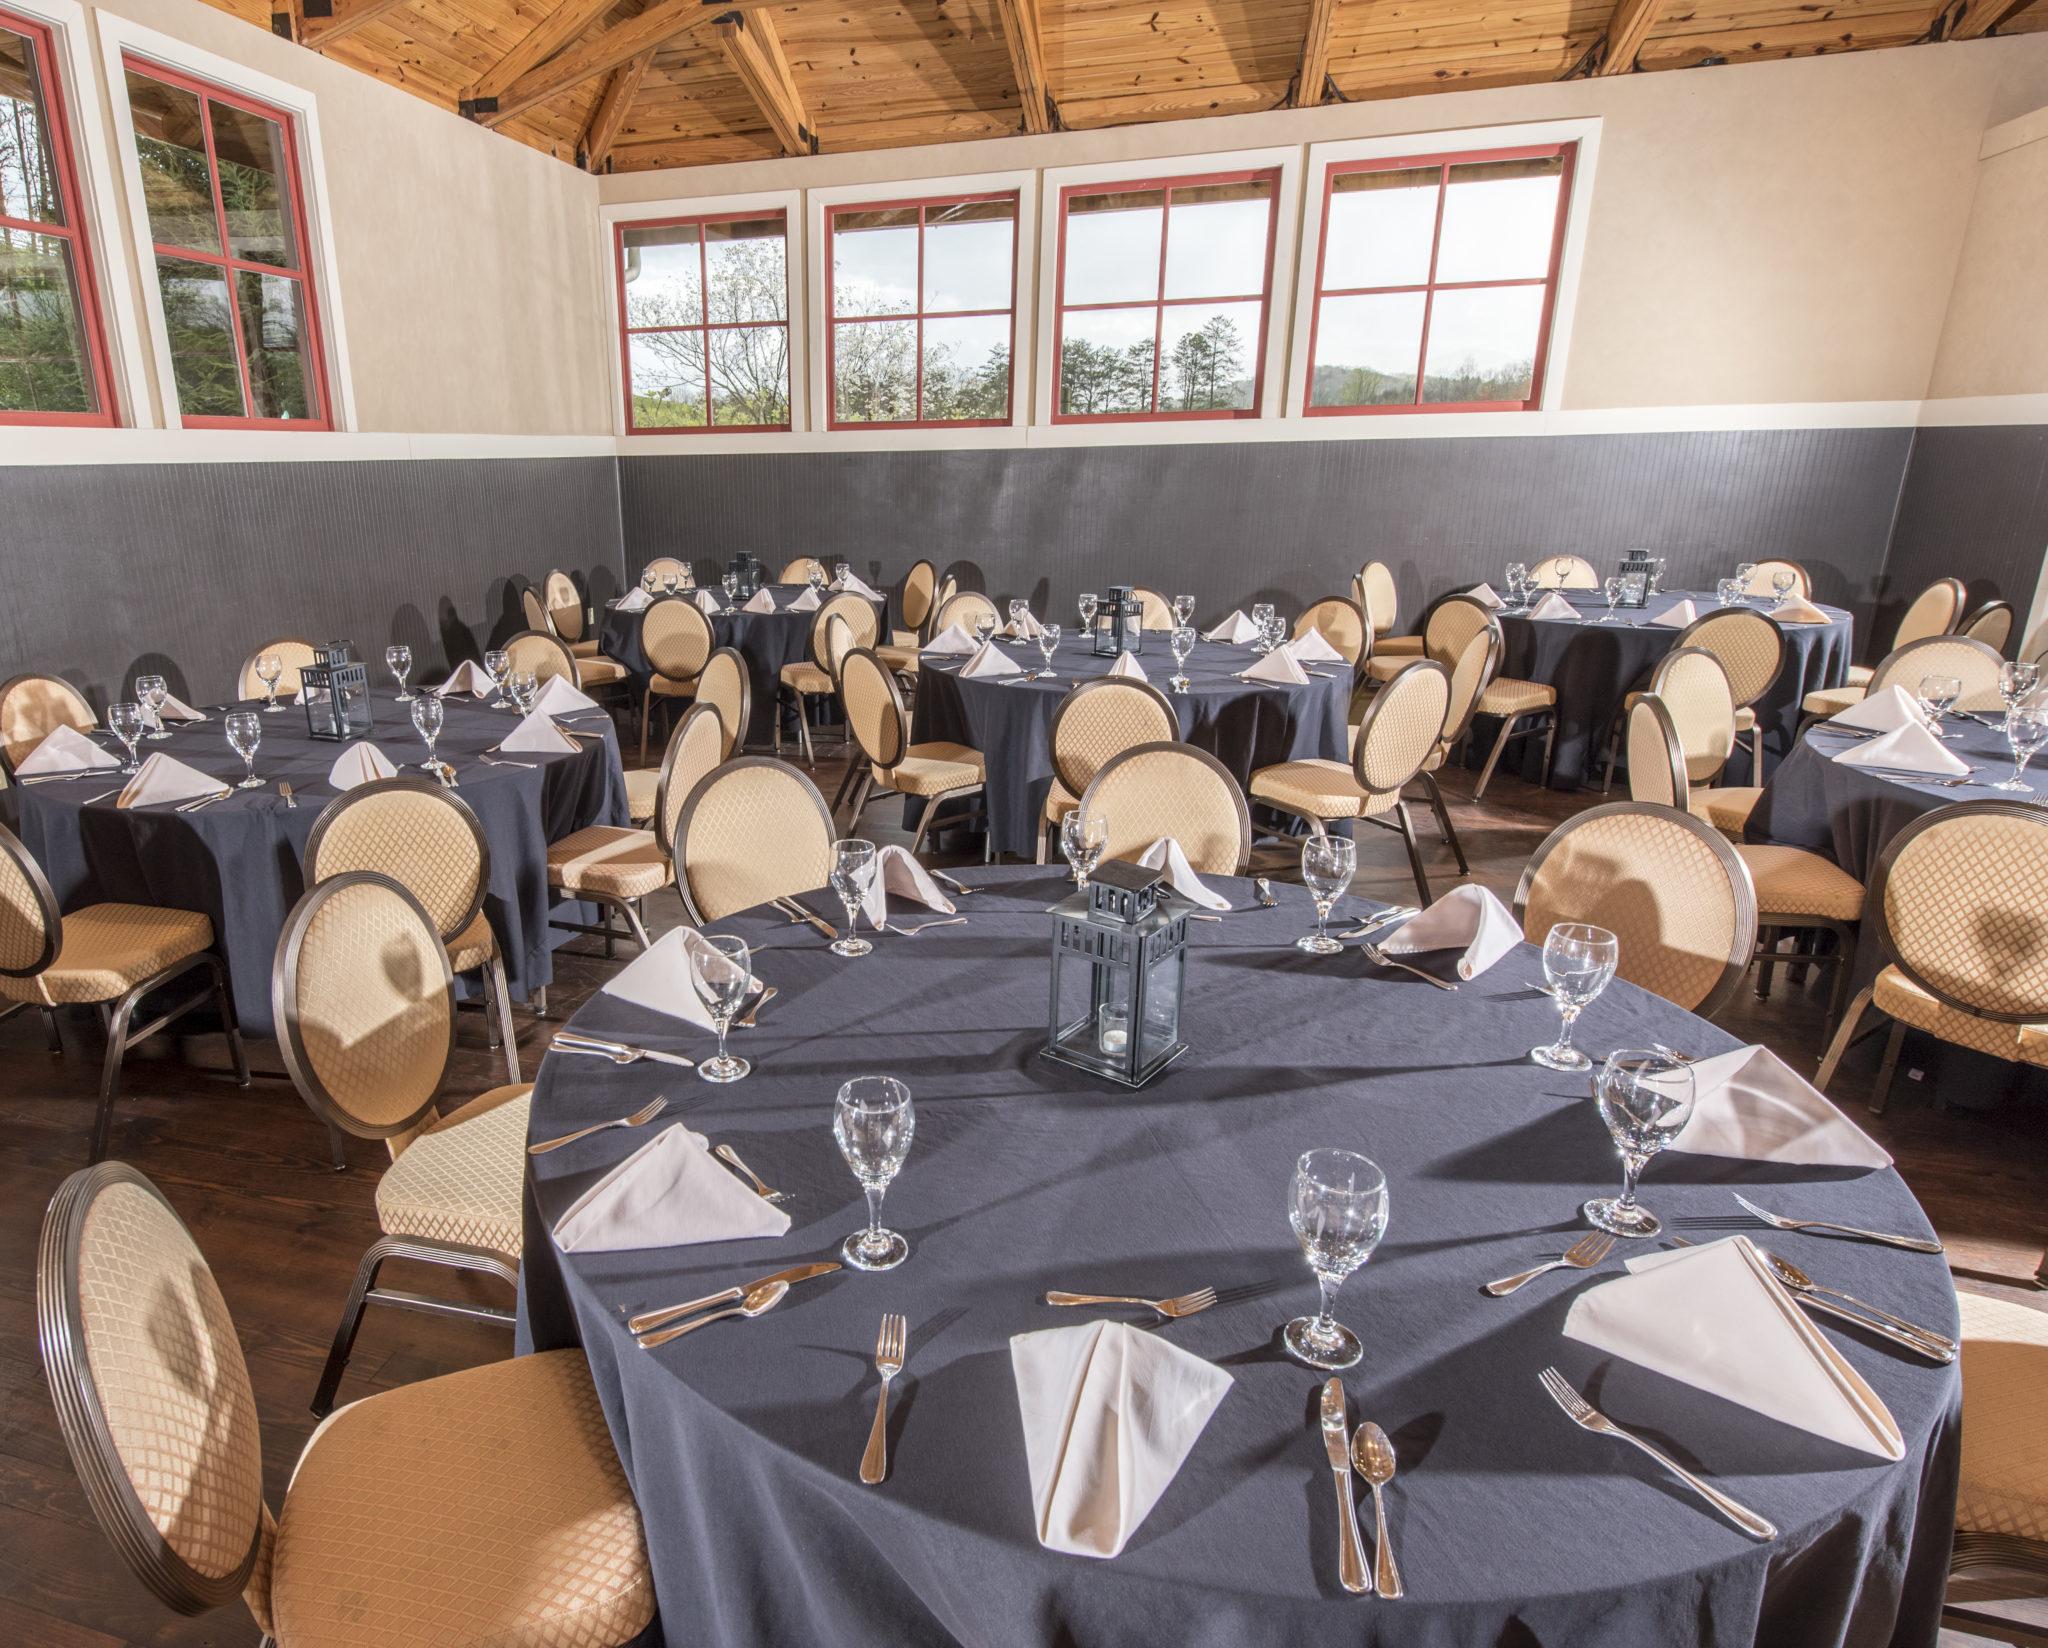 Tack Room banquet setup